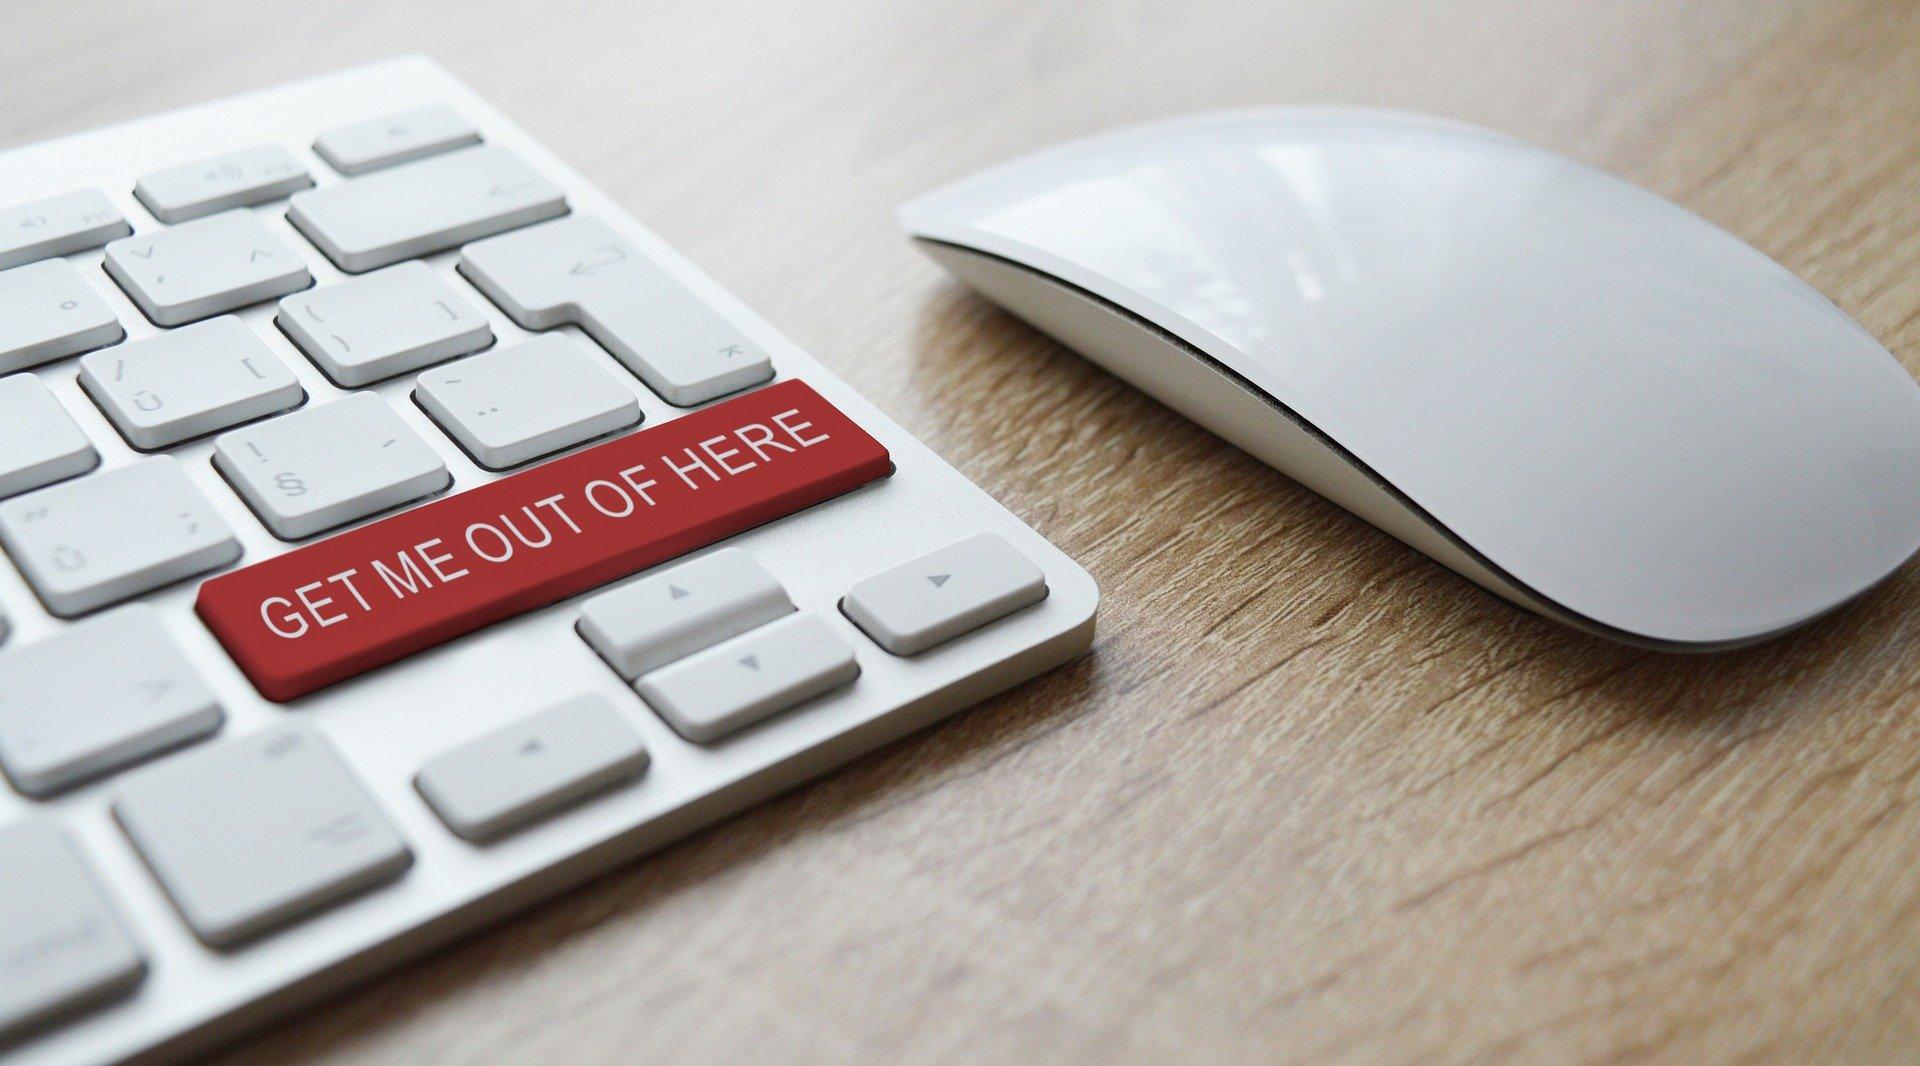 Imagem mostra um mouse ao lado de um teclado.